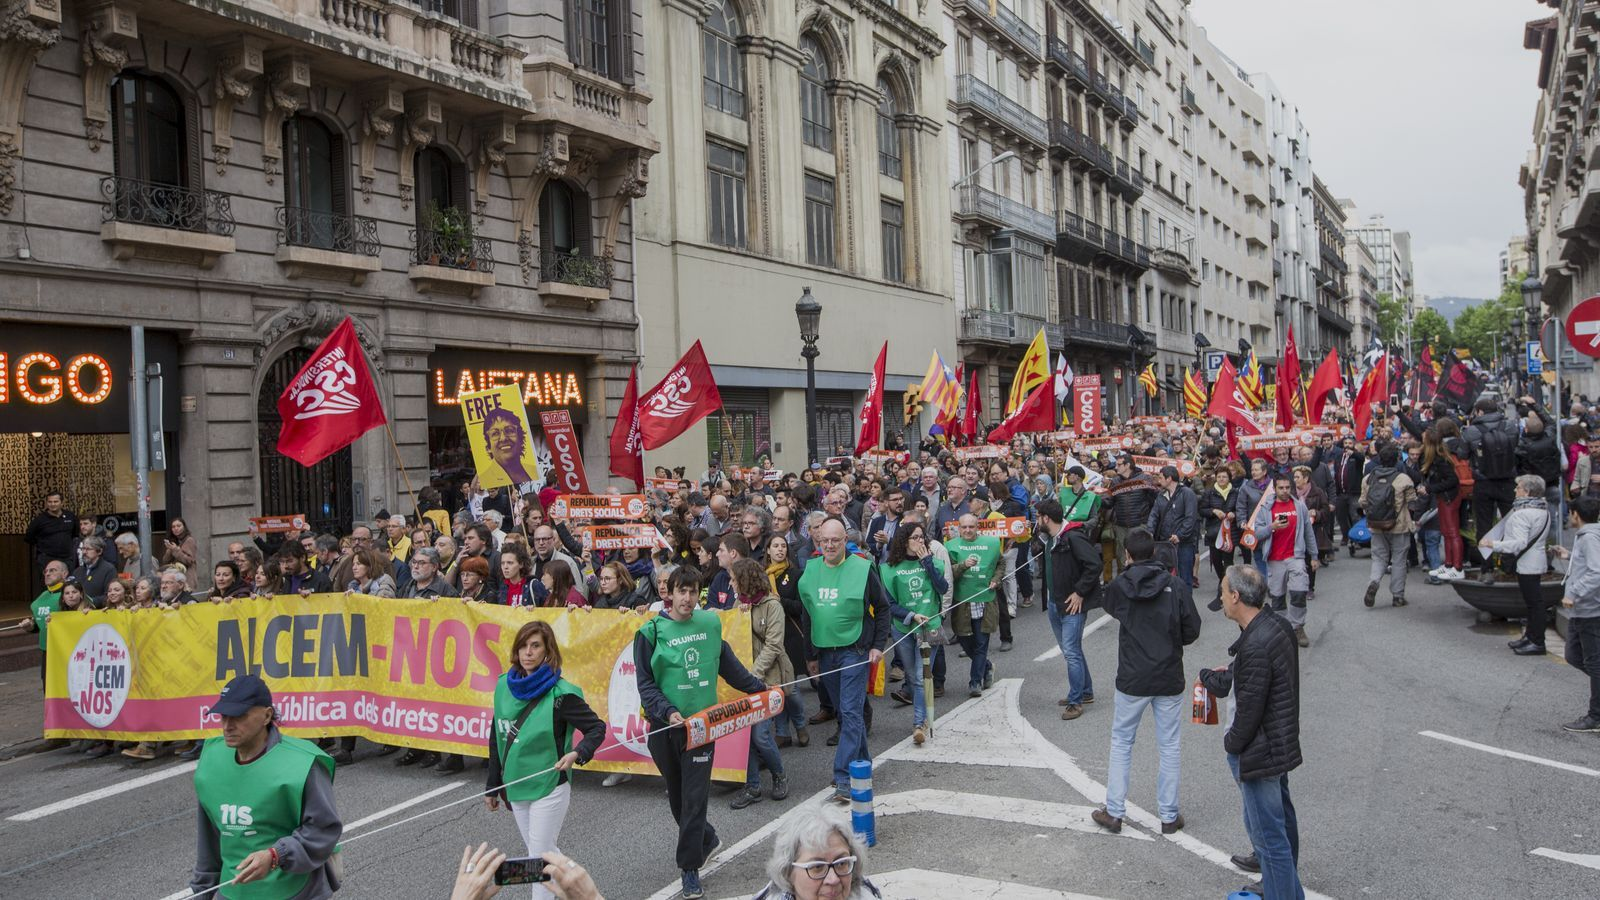 Intersindical-CSC és una de les organitzacions que convoca una vaga general en protesta per la sentència del procés.